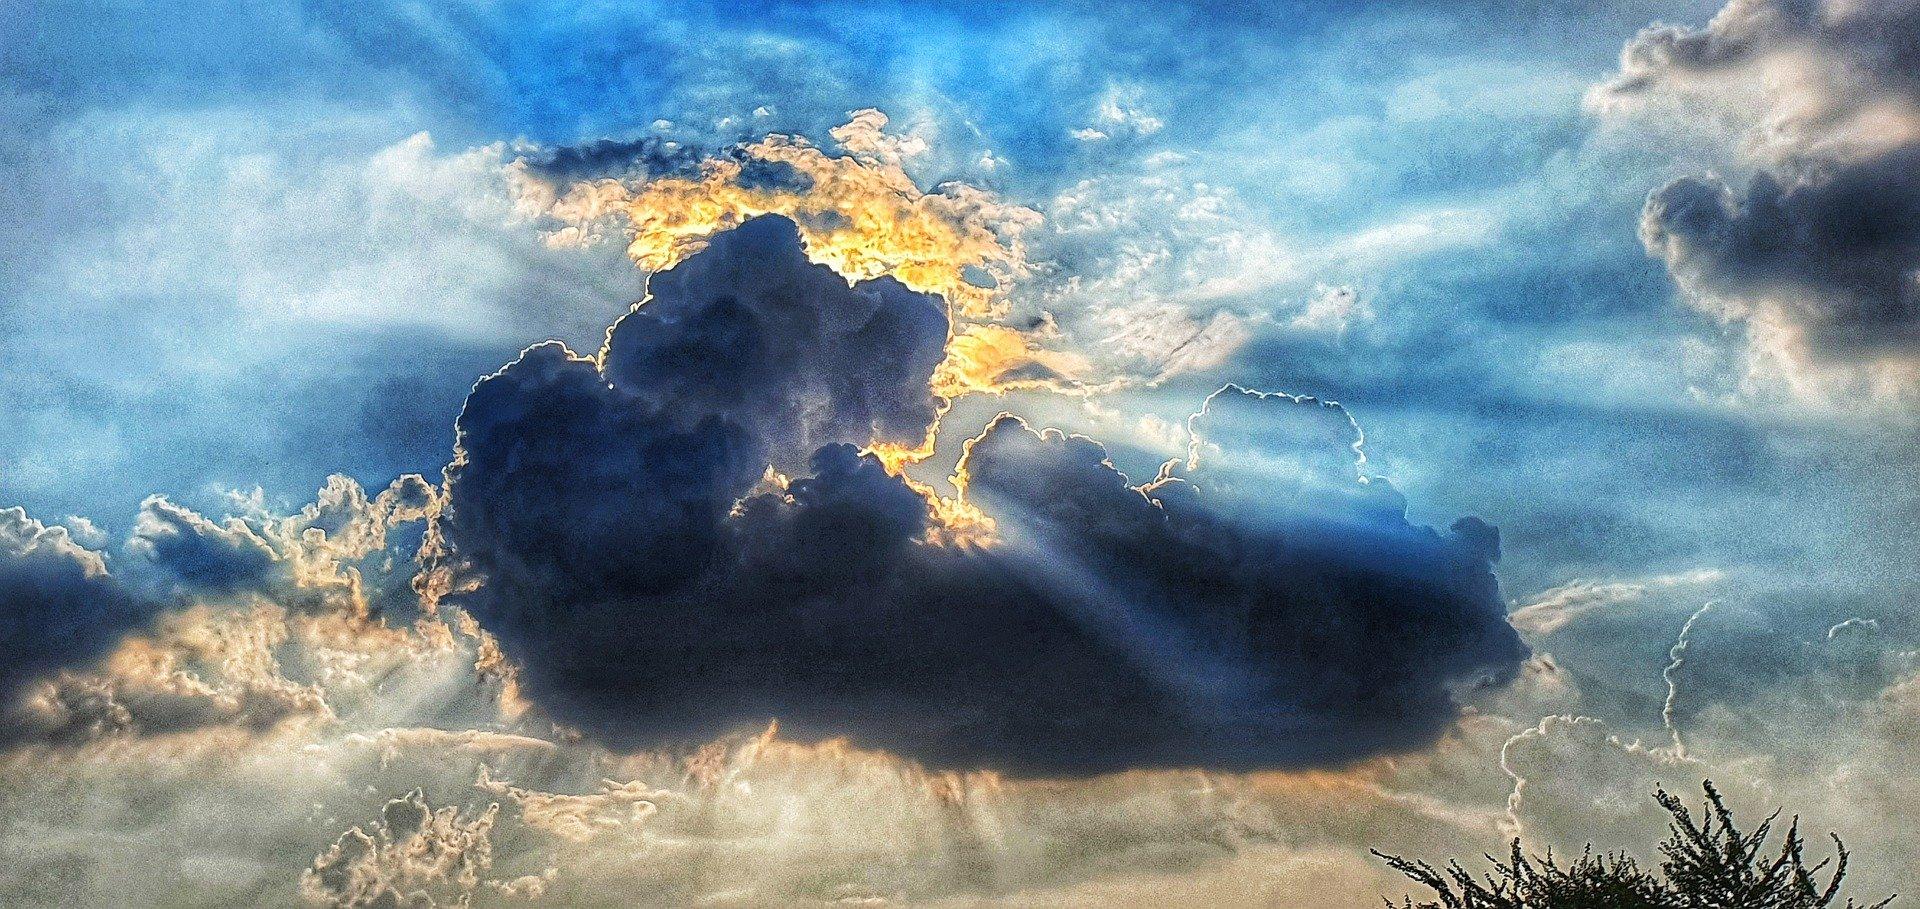 il sole che splende da dietro nuvole nere che si diradano